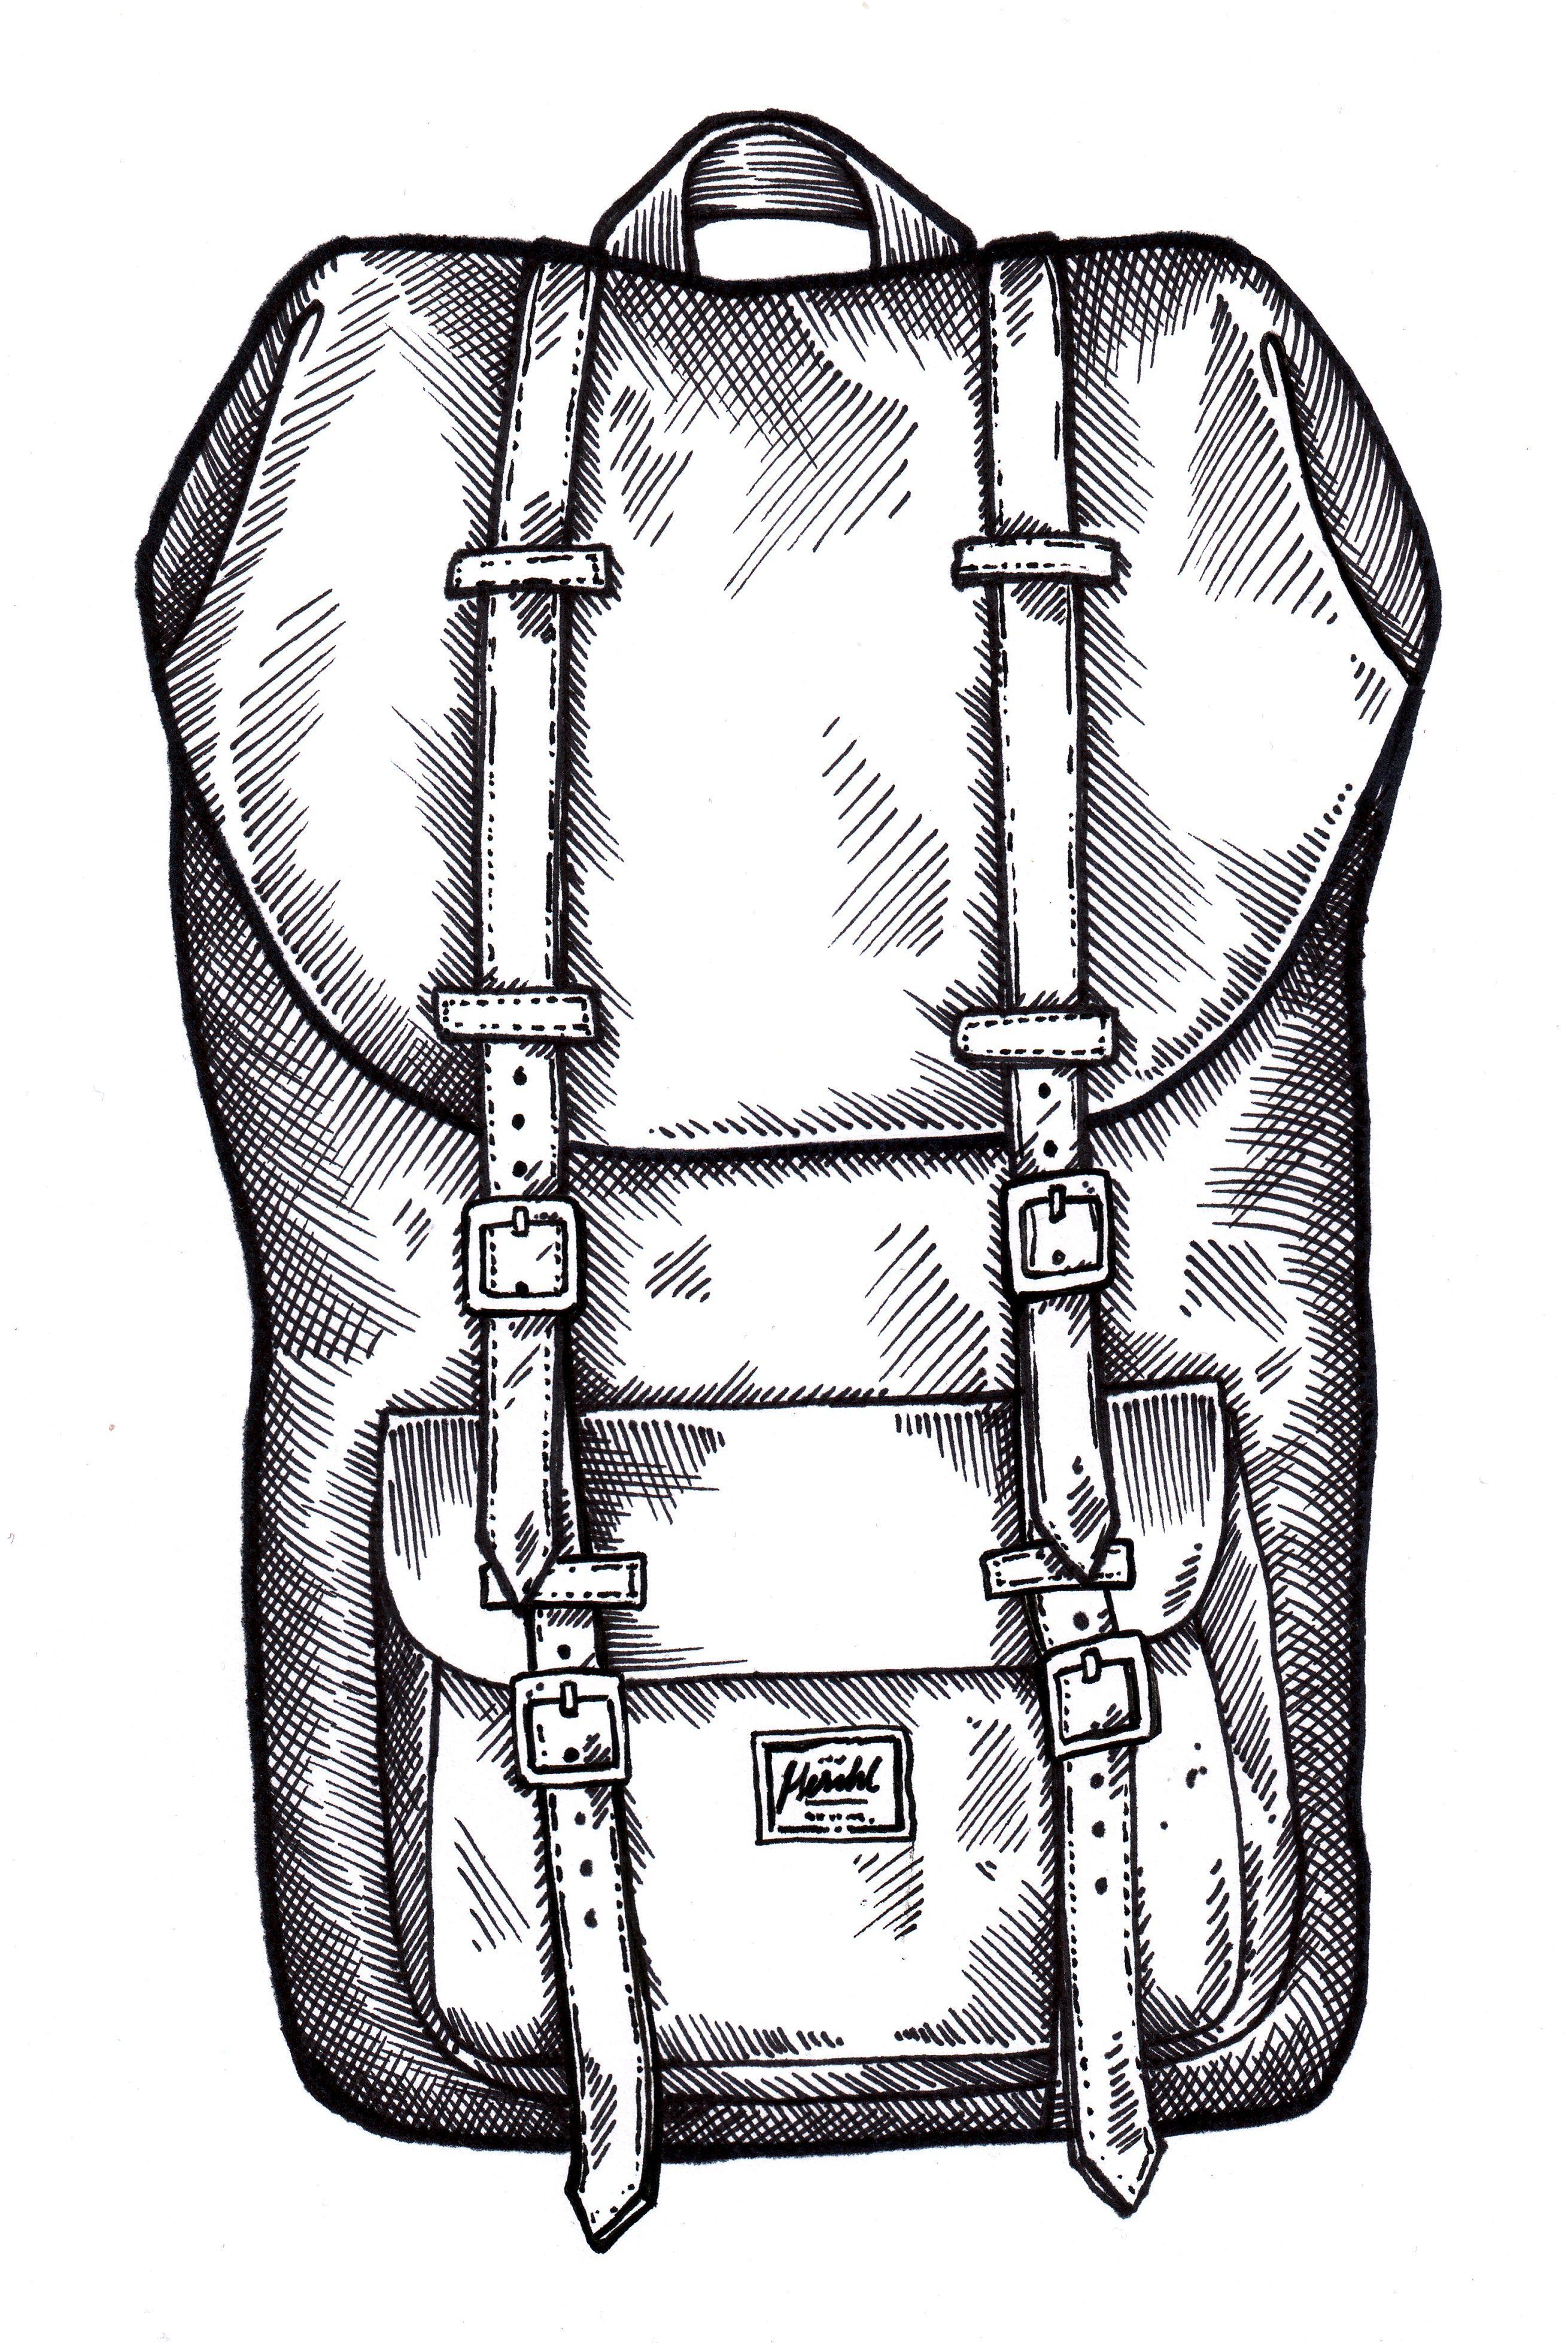 Herschel Herschel Backpack Illustration